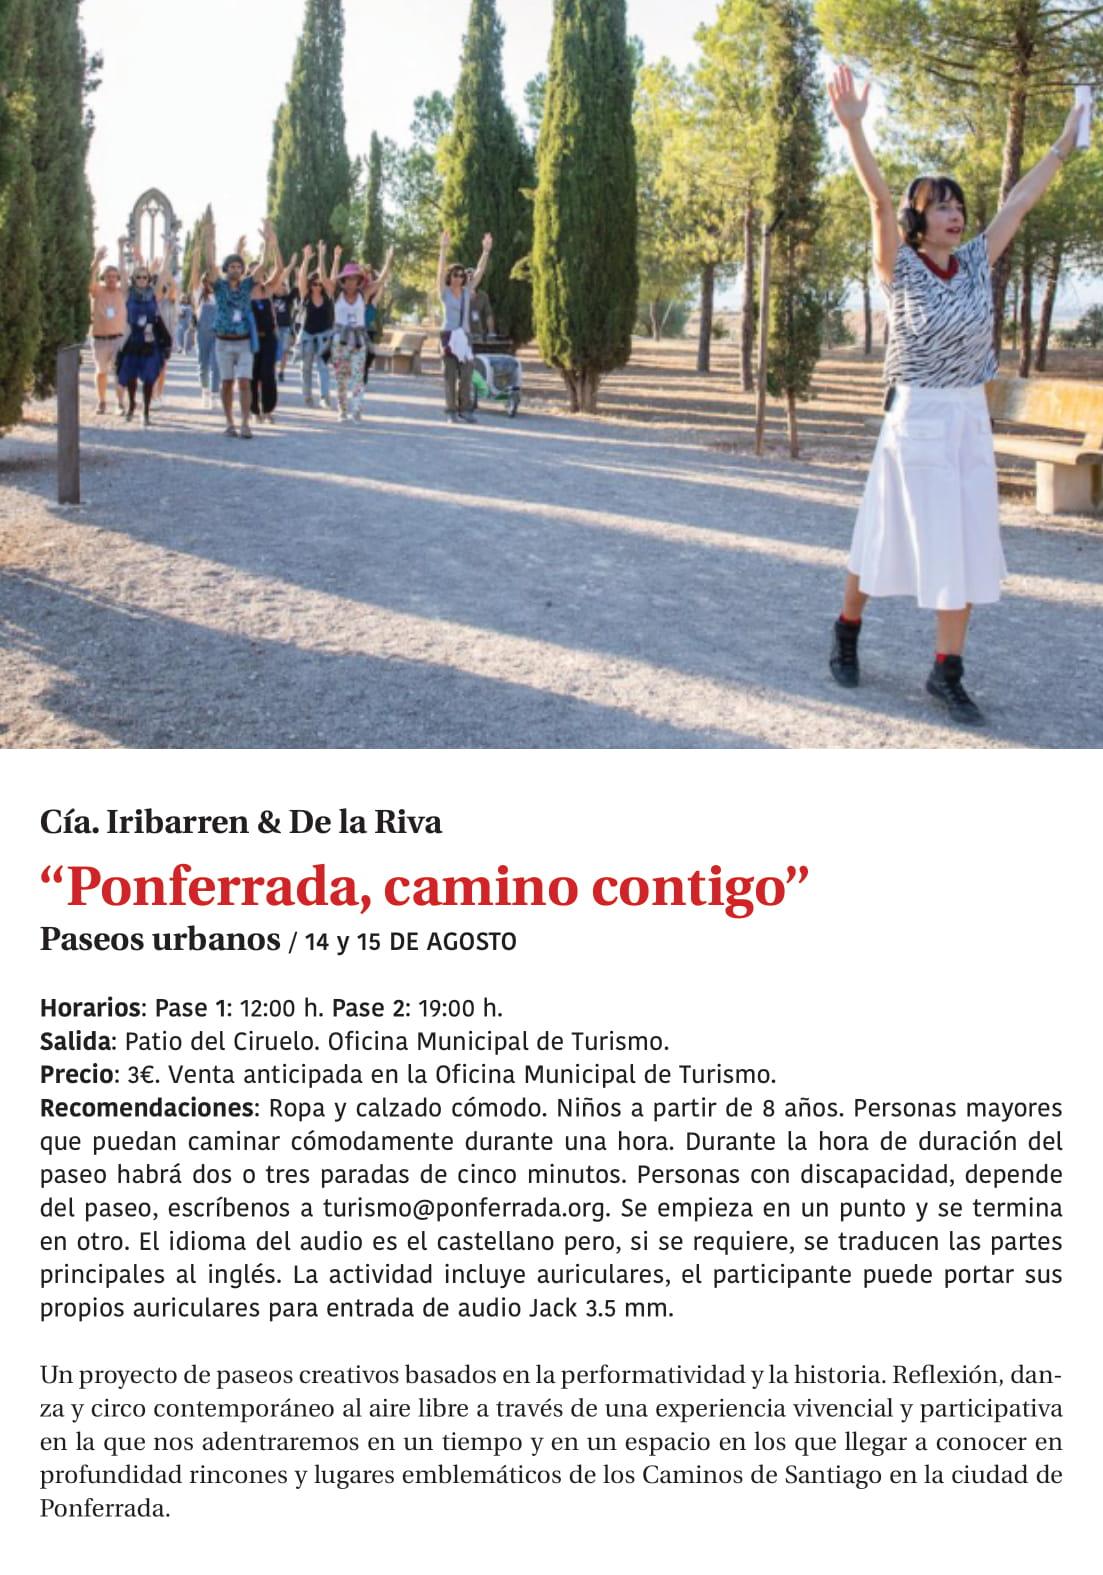 Ponferrada será... música, cultura, monumentos, turismo y más durante el verano de 2021 10